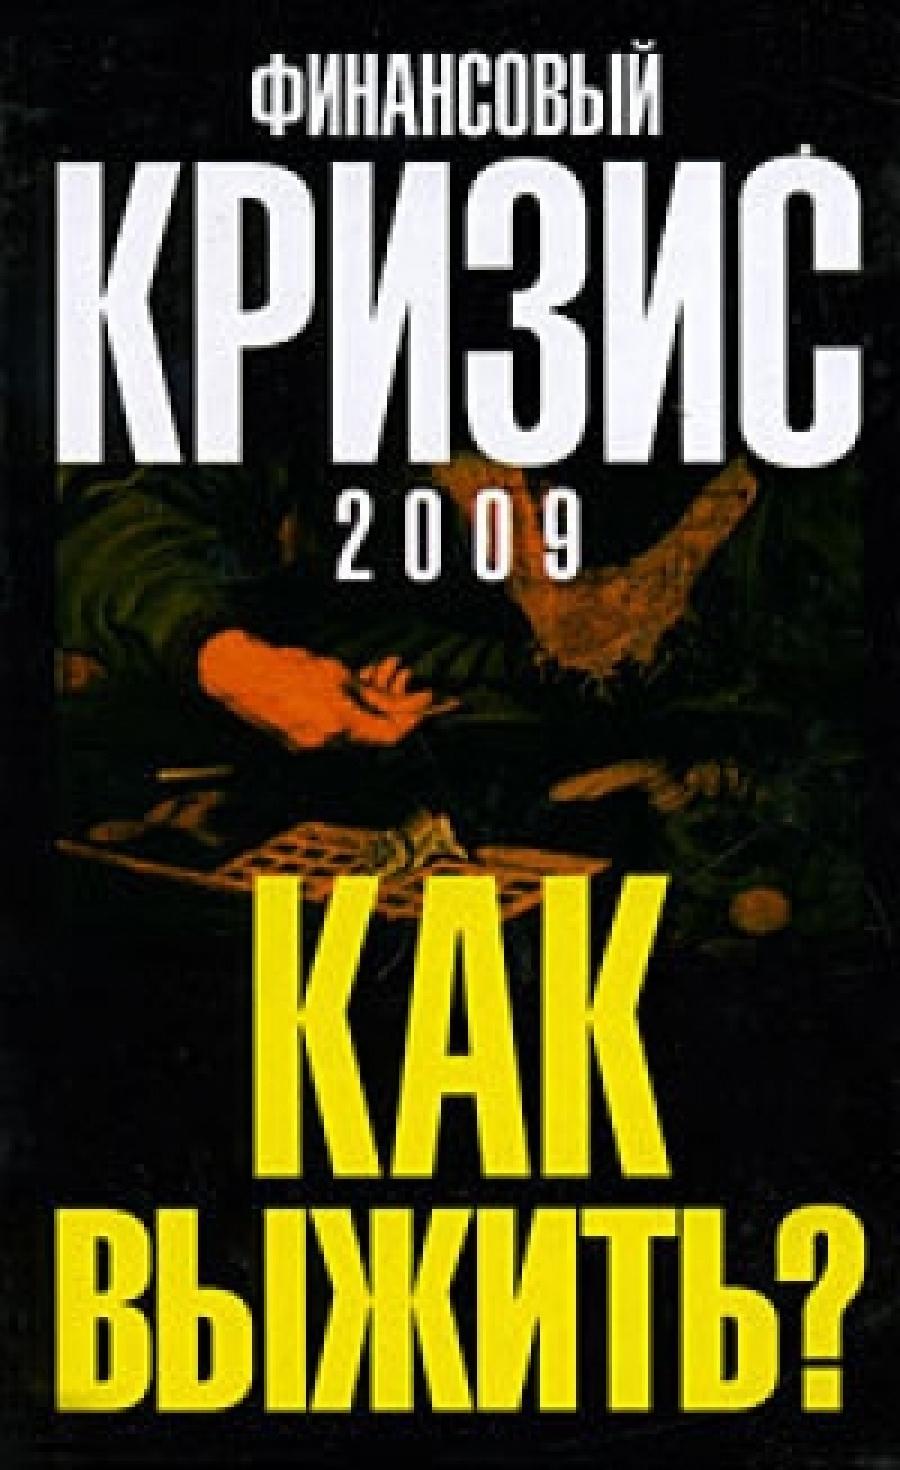 Обложка книги:  александр попов - финансовый кризис 2009. как выжить?